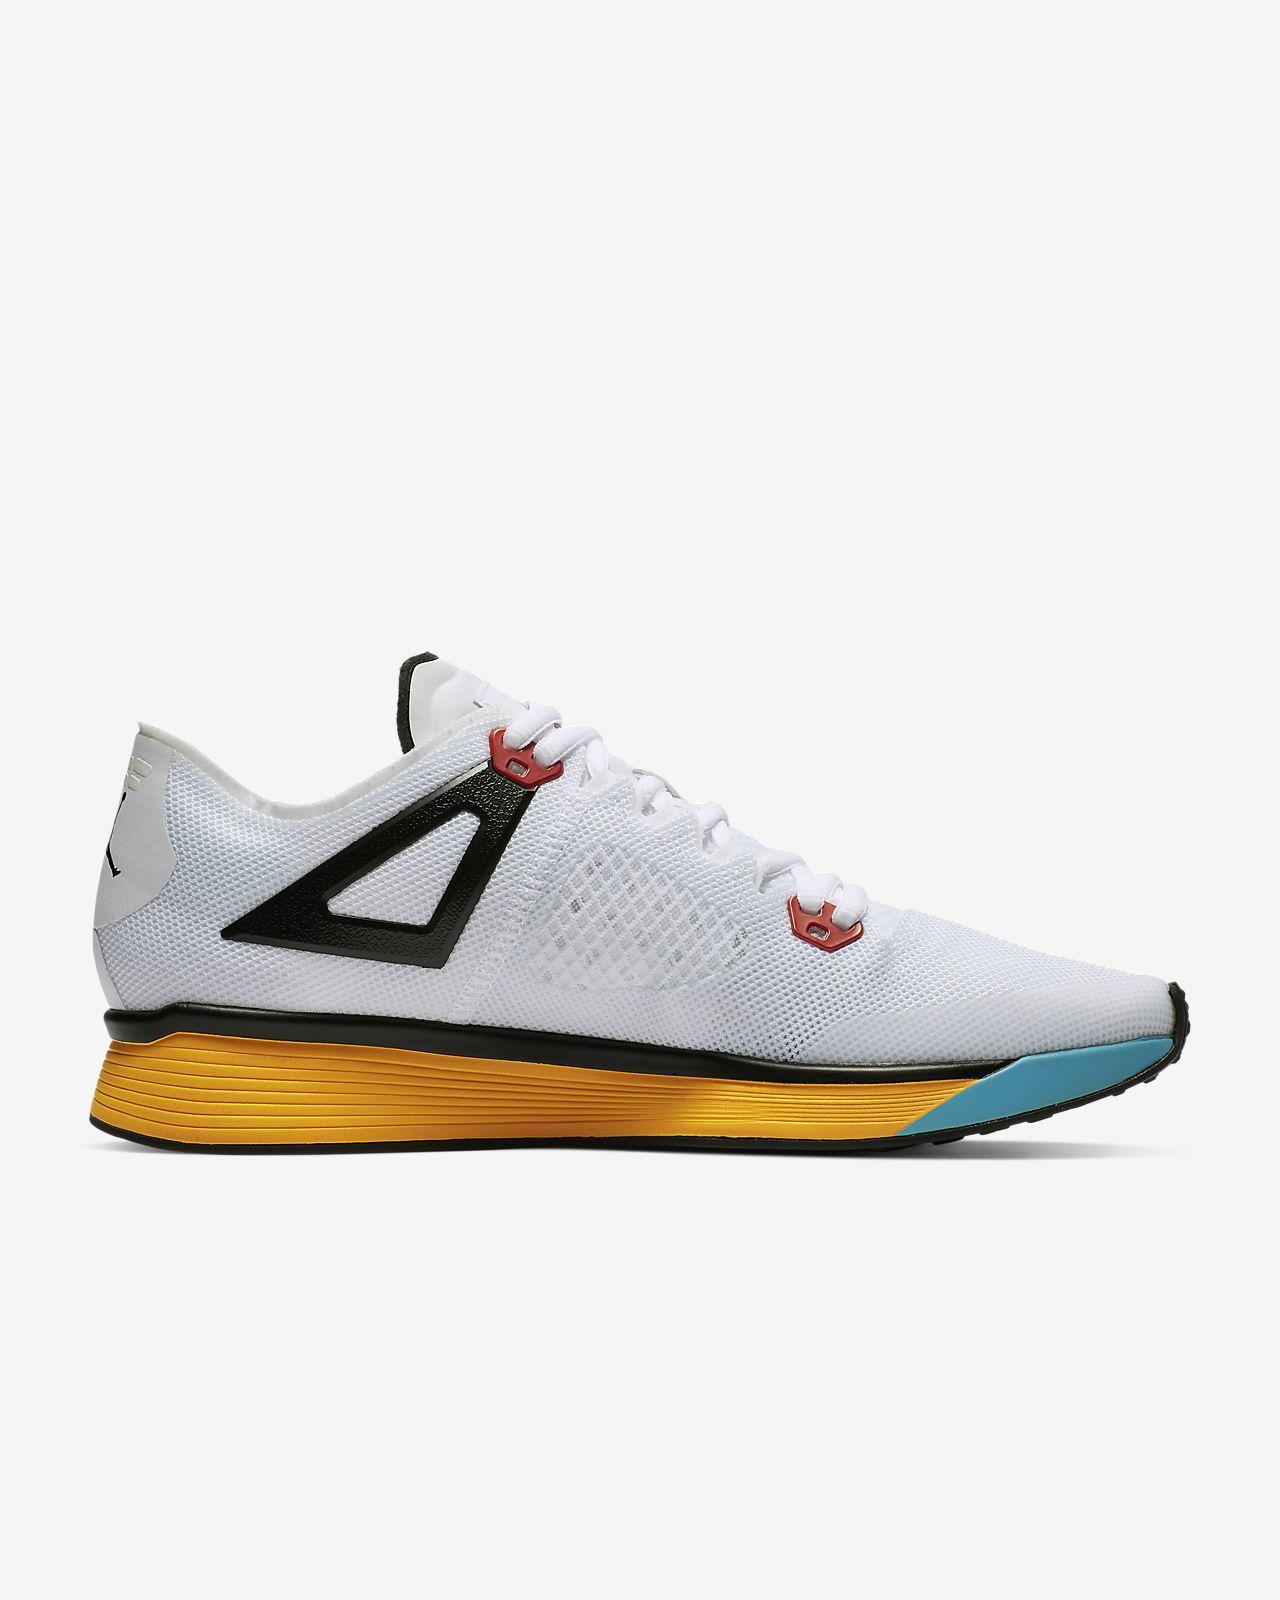 b504a51784e80 Jordan 89 Racer Men s Training Shoe. Nike.com